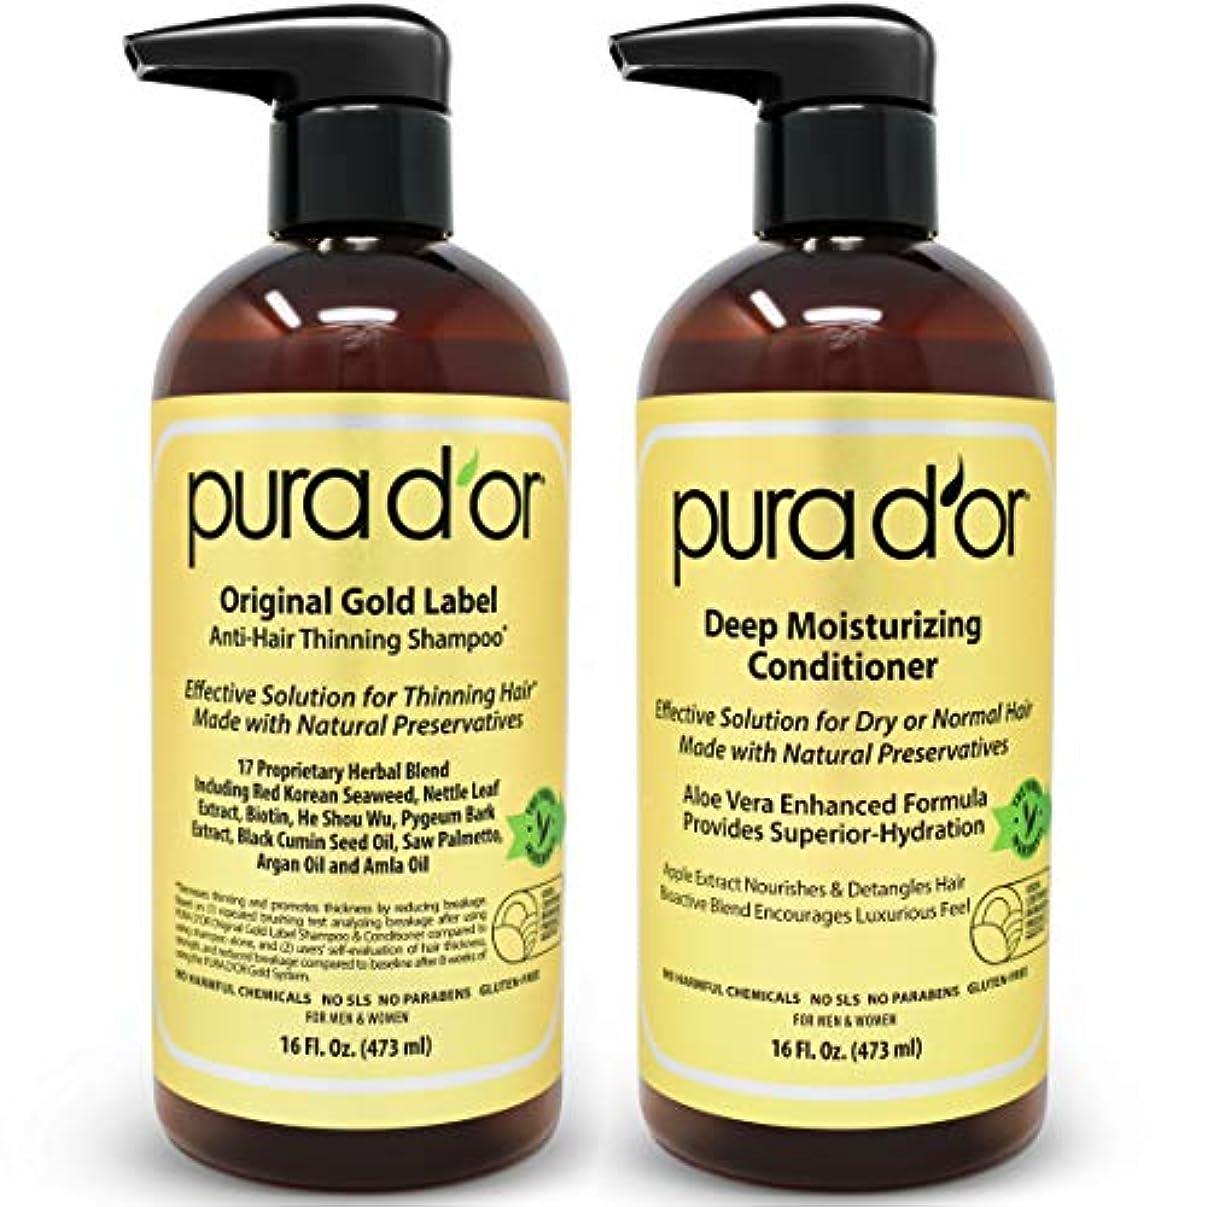 ホイップお香洗練されたPURA D'OR オリジナル ゴールド ラベル 薄毛予防用 -臨床実験済み -アルガンオイル、ビオチン、天然原料、硫酸系化合物不使用、全髪タイプに、男性&女性用(パッケージは異なる場合があります) シャンプー&コンディショナー